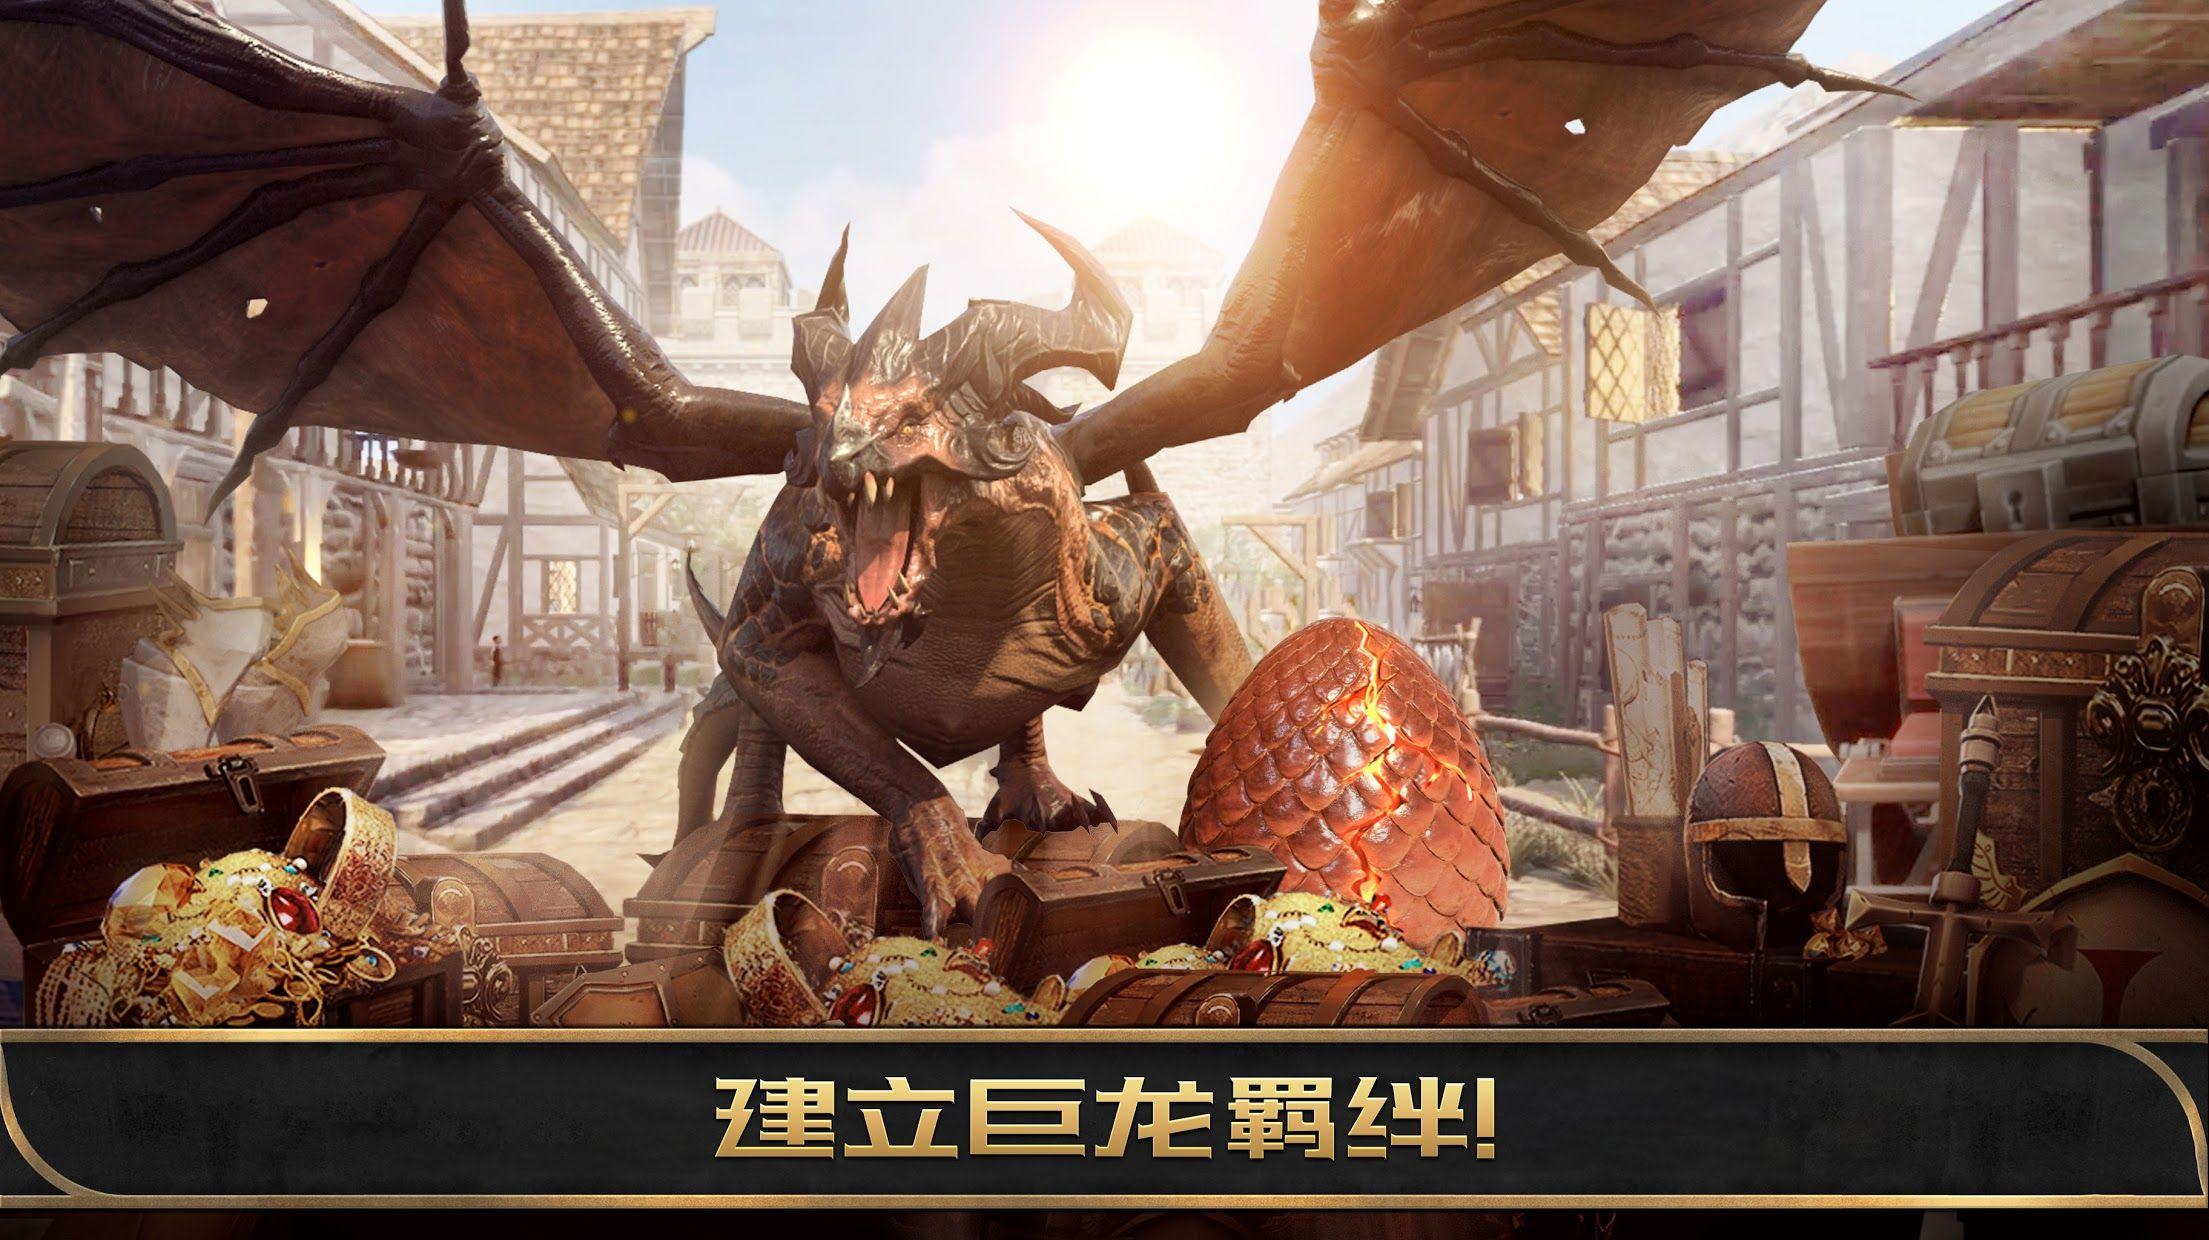 阿瓦隆之王:龙之战役(KOA) 游戏截图5